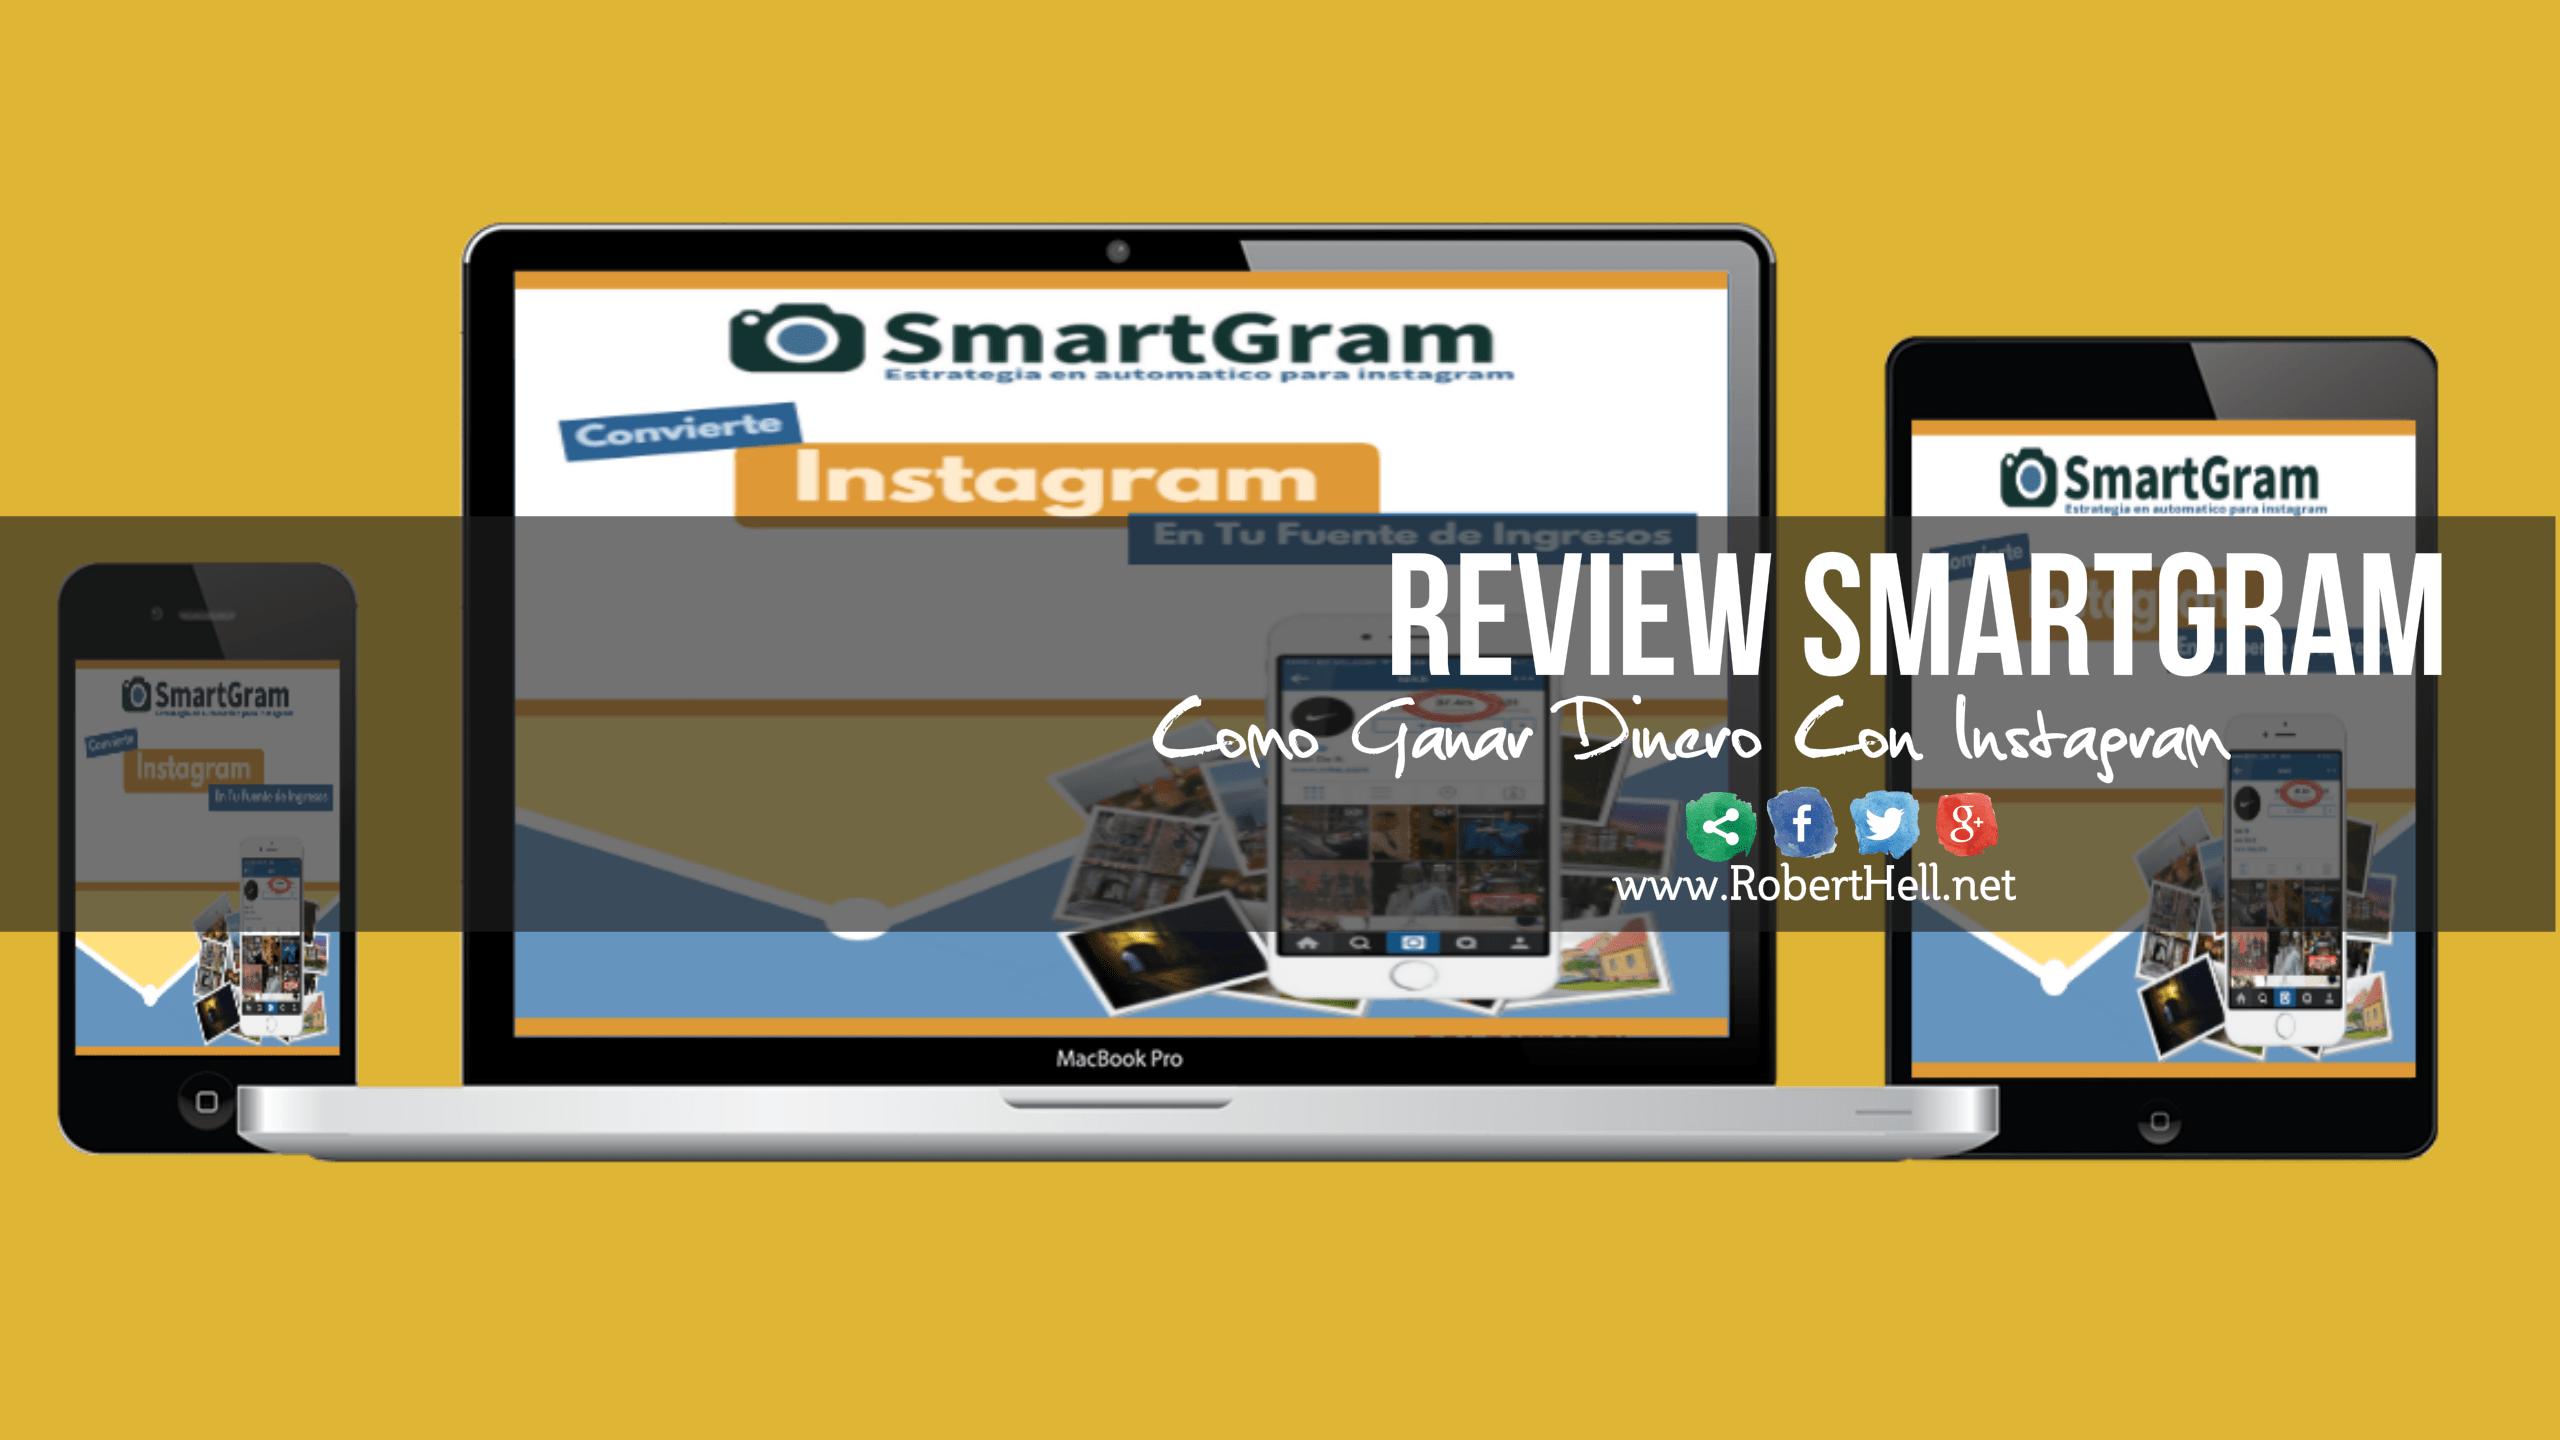 smartgram-review